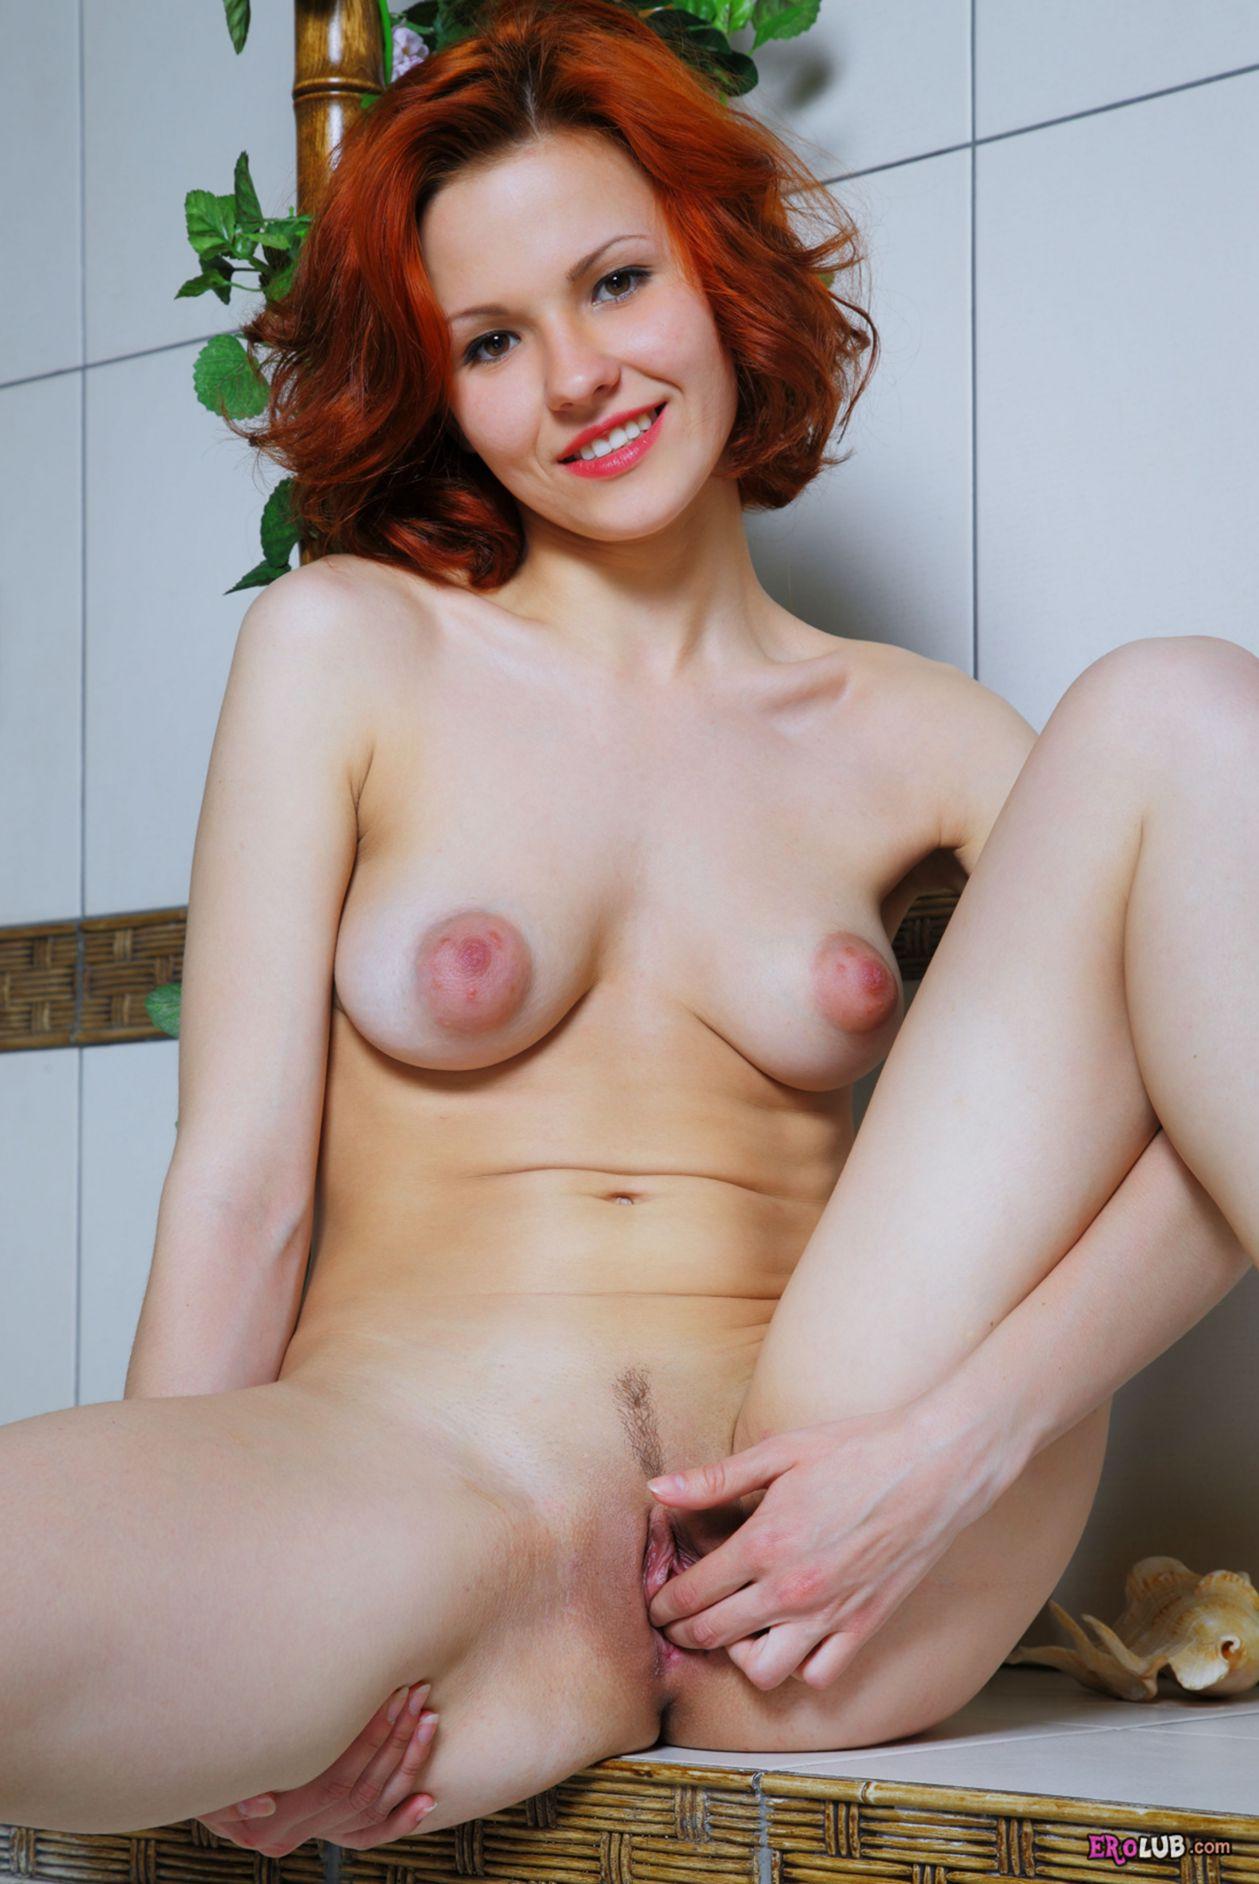 Женские гениталии - голые и красивые на фото